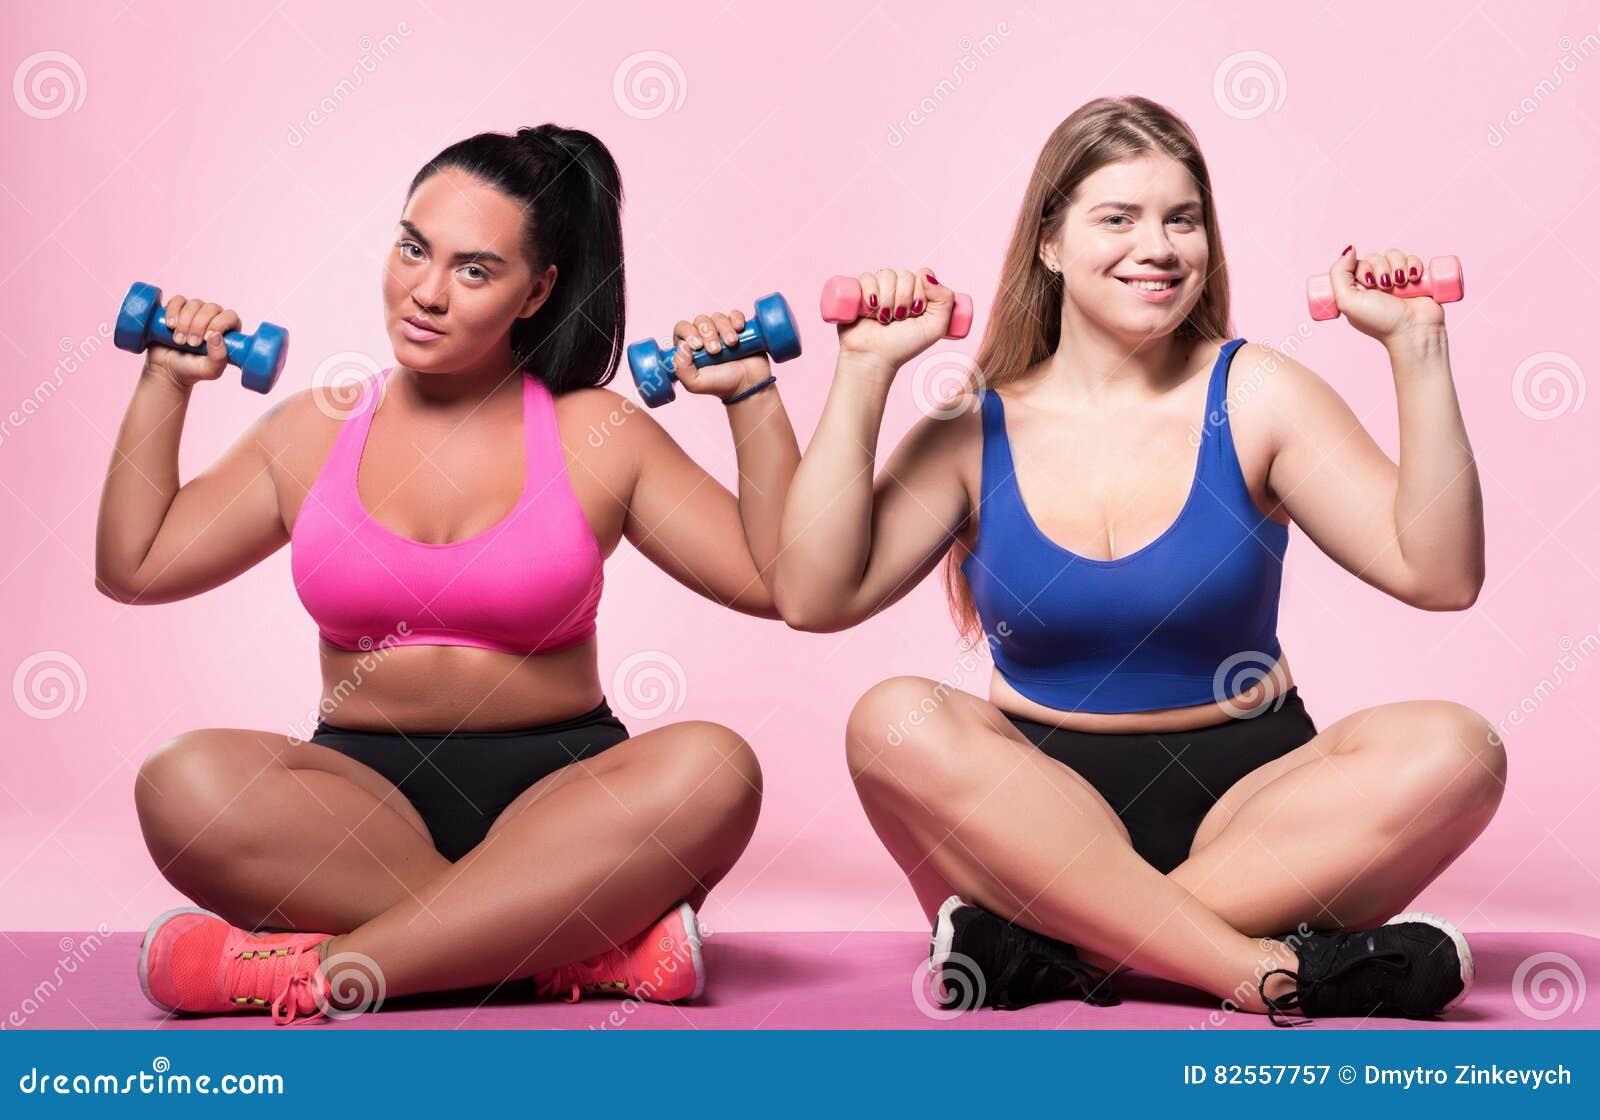 ragazze paffute di BBWCurvy.com che giocano - energymarket.lt